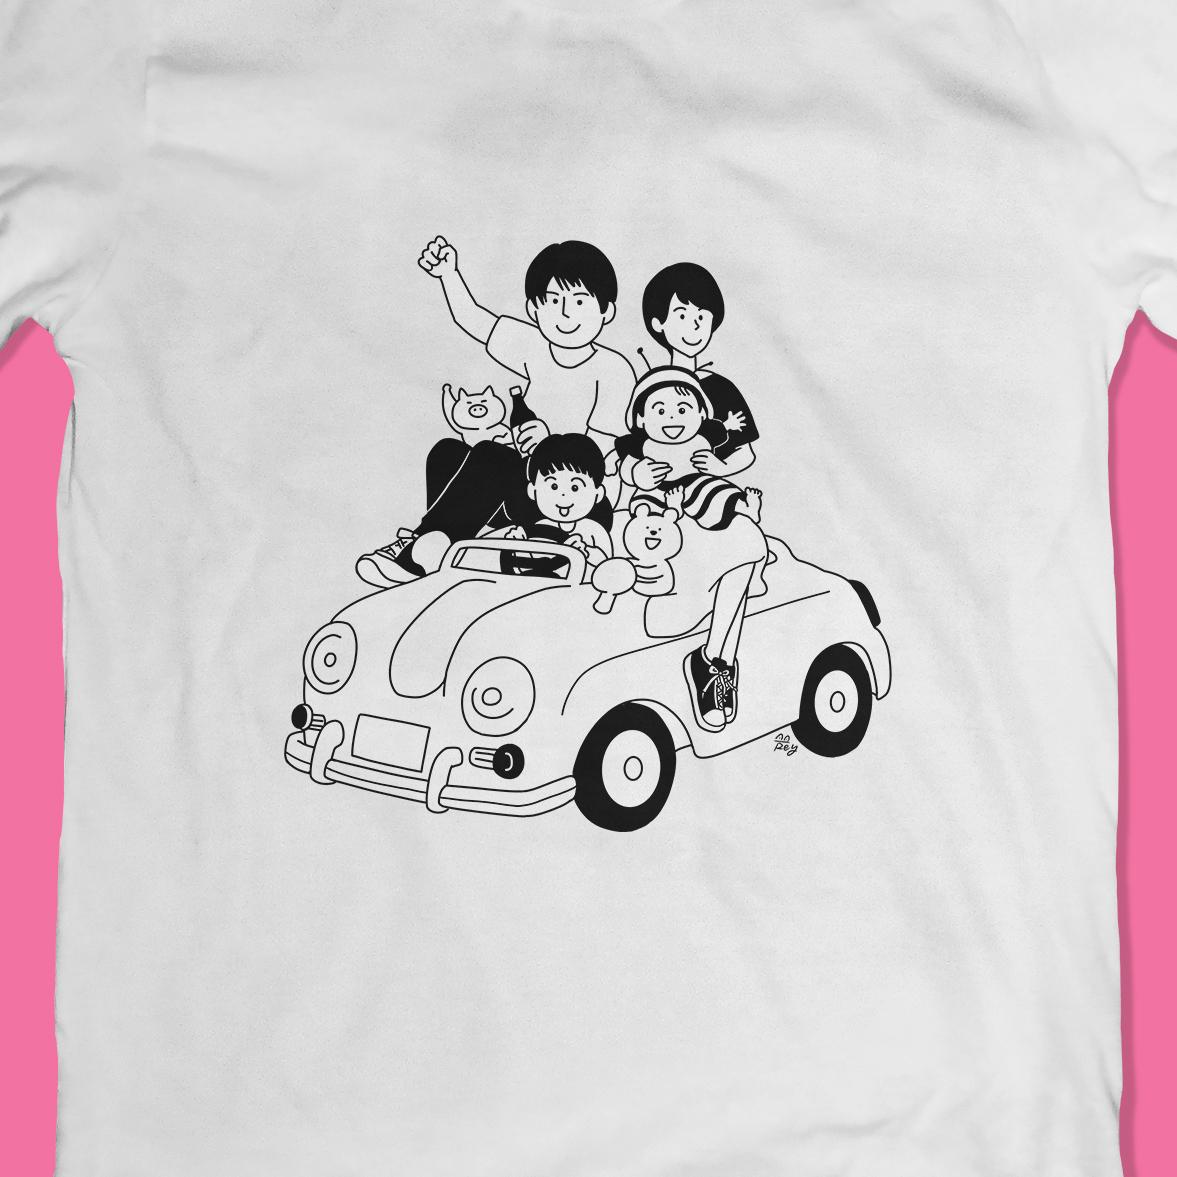 Tシャツ&バッグのイラスト作成